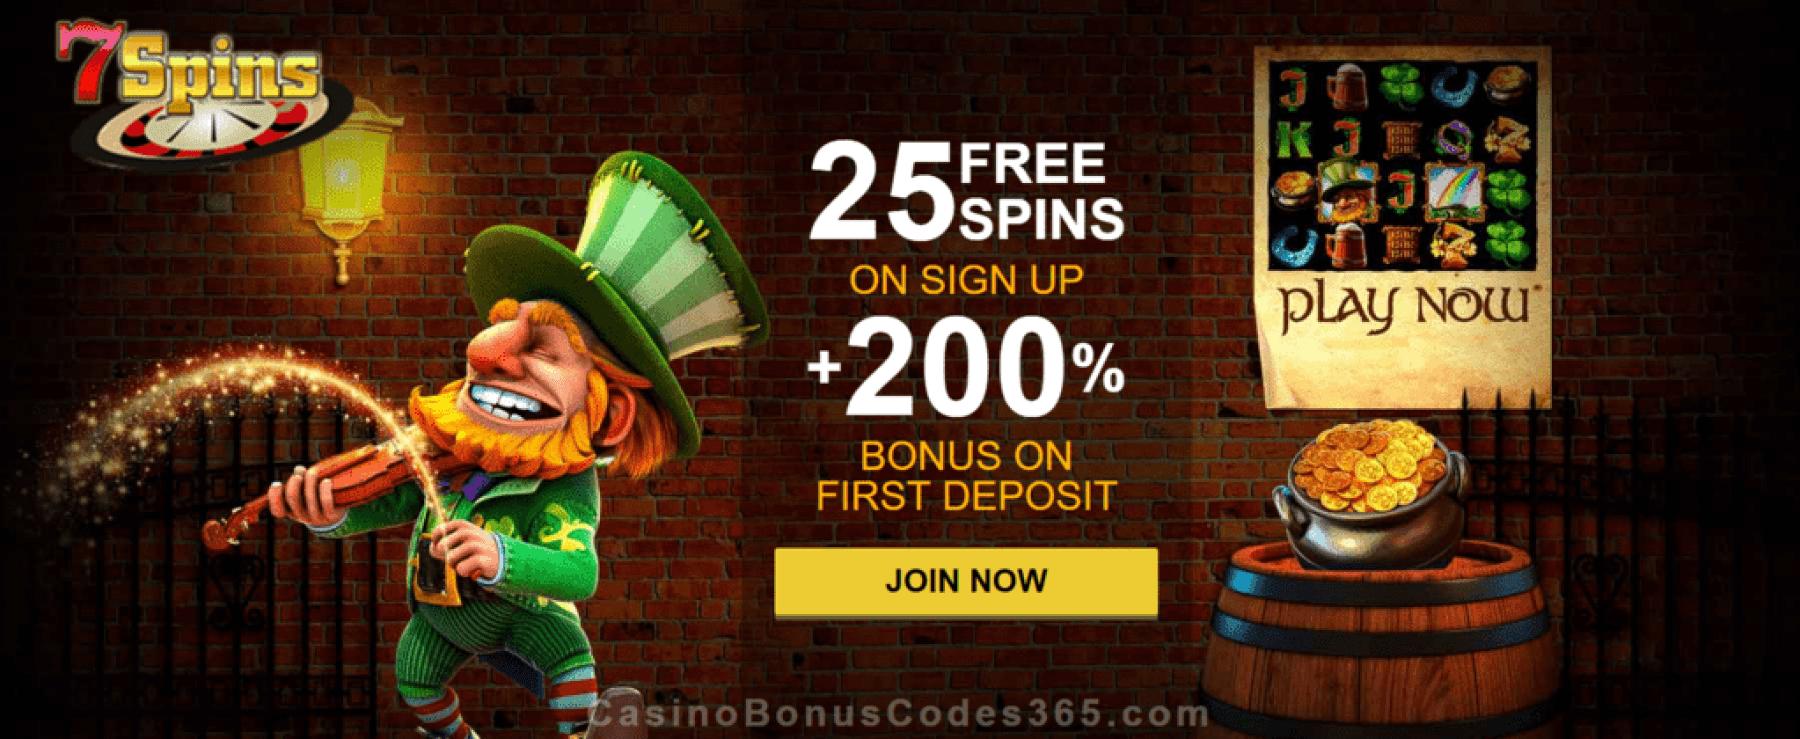 7 Spins Online Casino 25 FREE Spins plus 200% Match Welcome Bonus